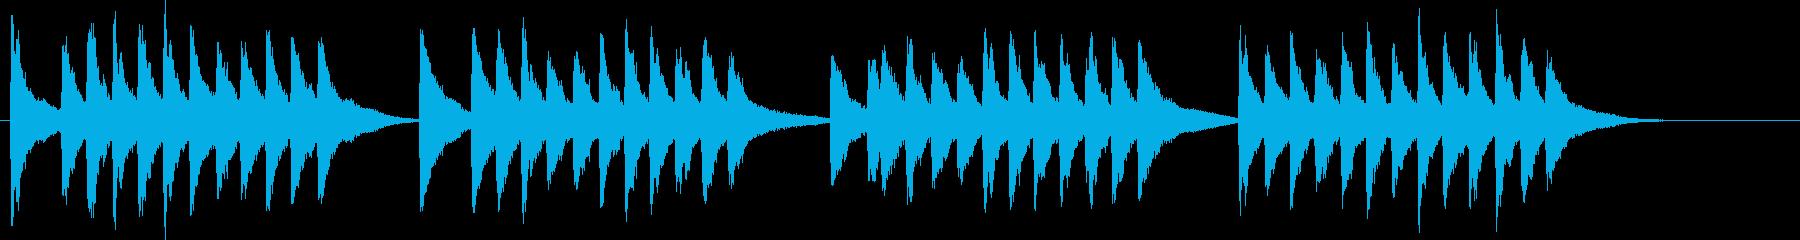 夕方のチャイム音「赤とんぼ」夕焼け小焼けの再生済みの波形